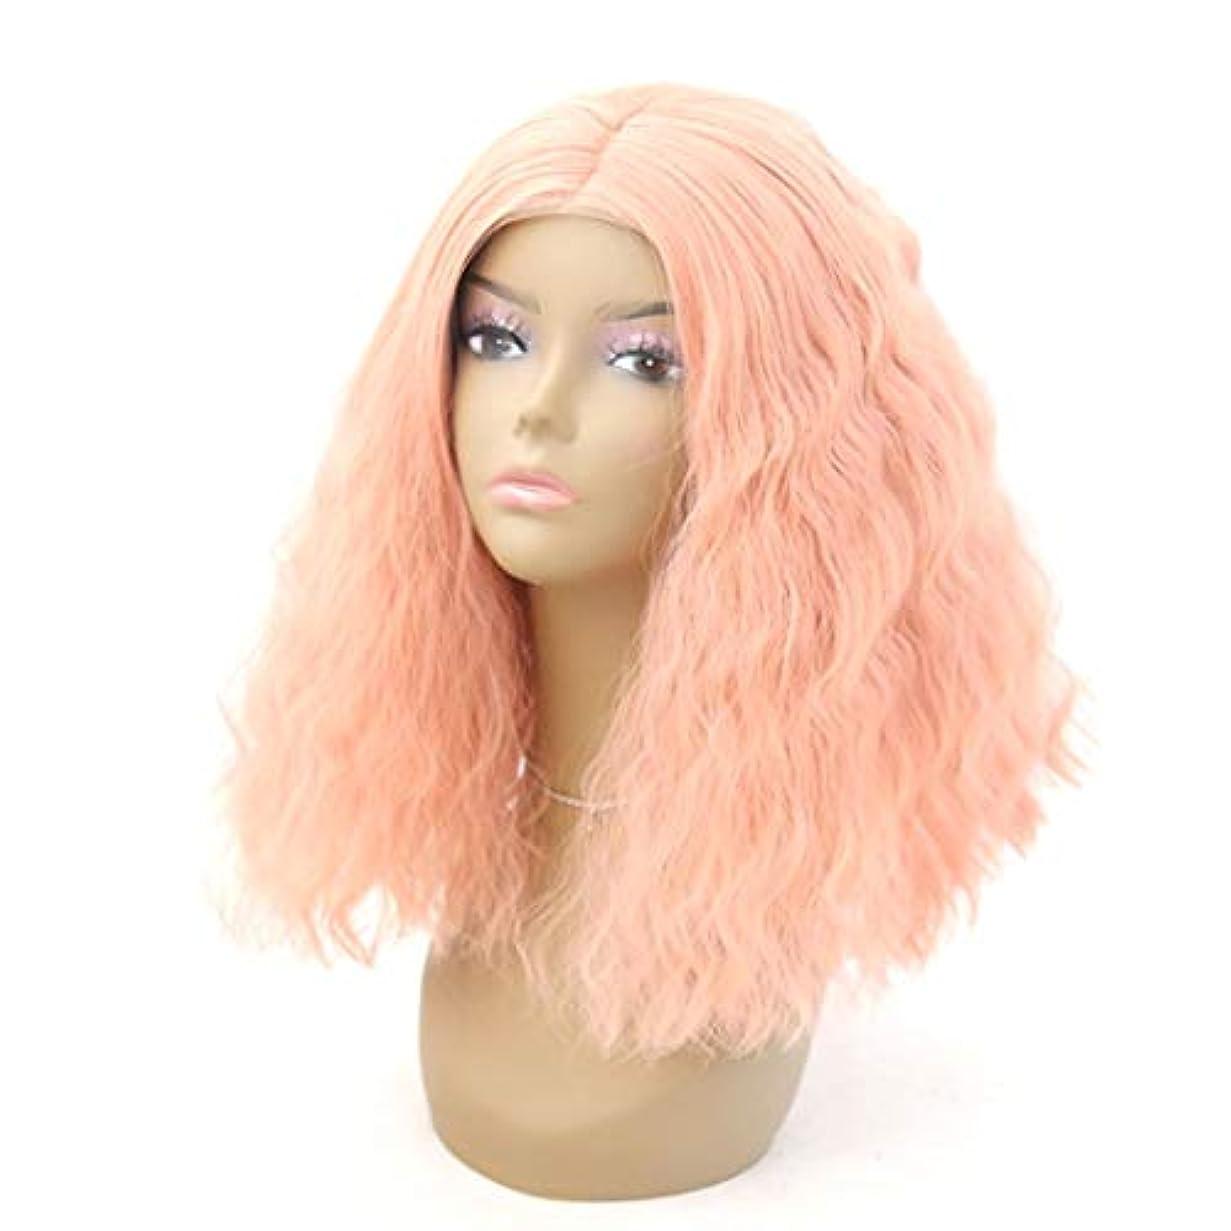 所持マナー世論調査Kerwinner 女性のためのフロントレースかつらふわふわリトルカーリーピンクショートヘア